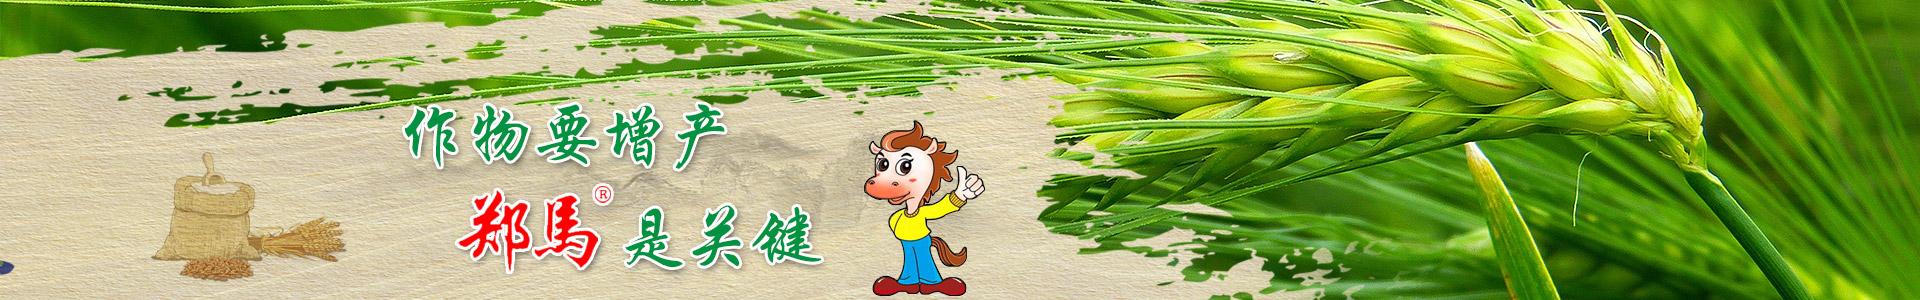 千里马农业